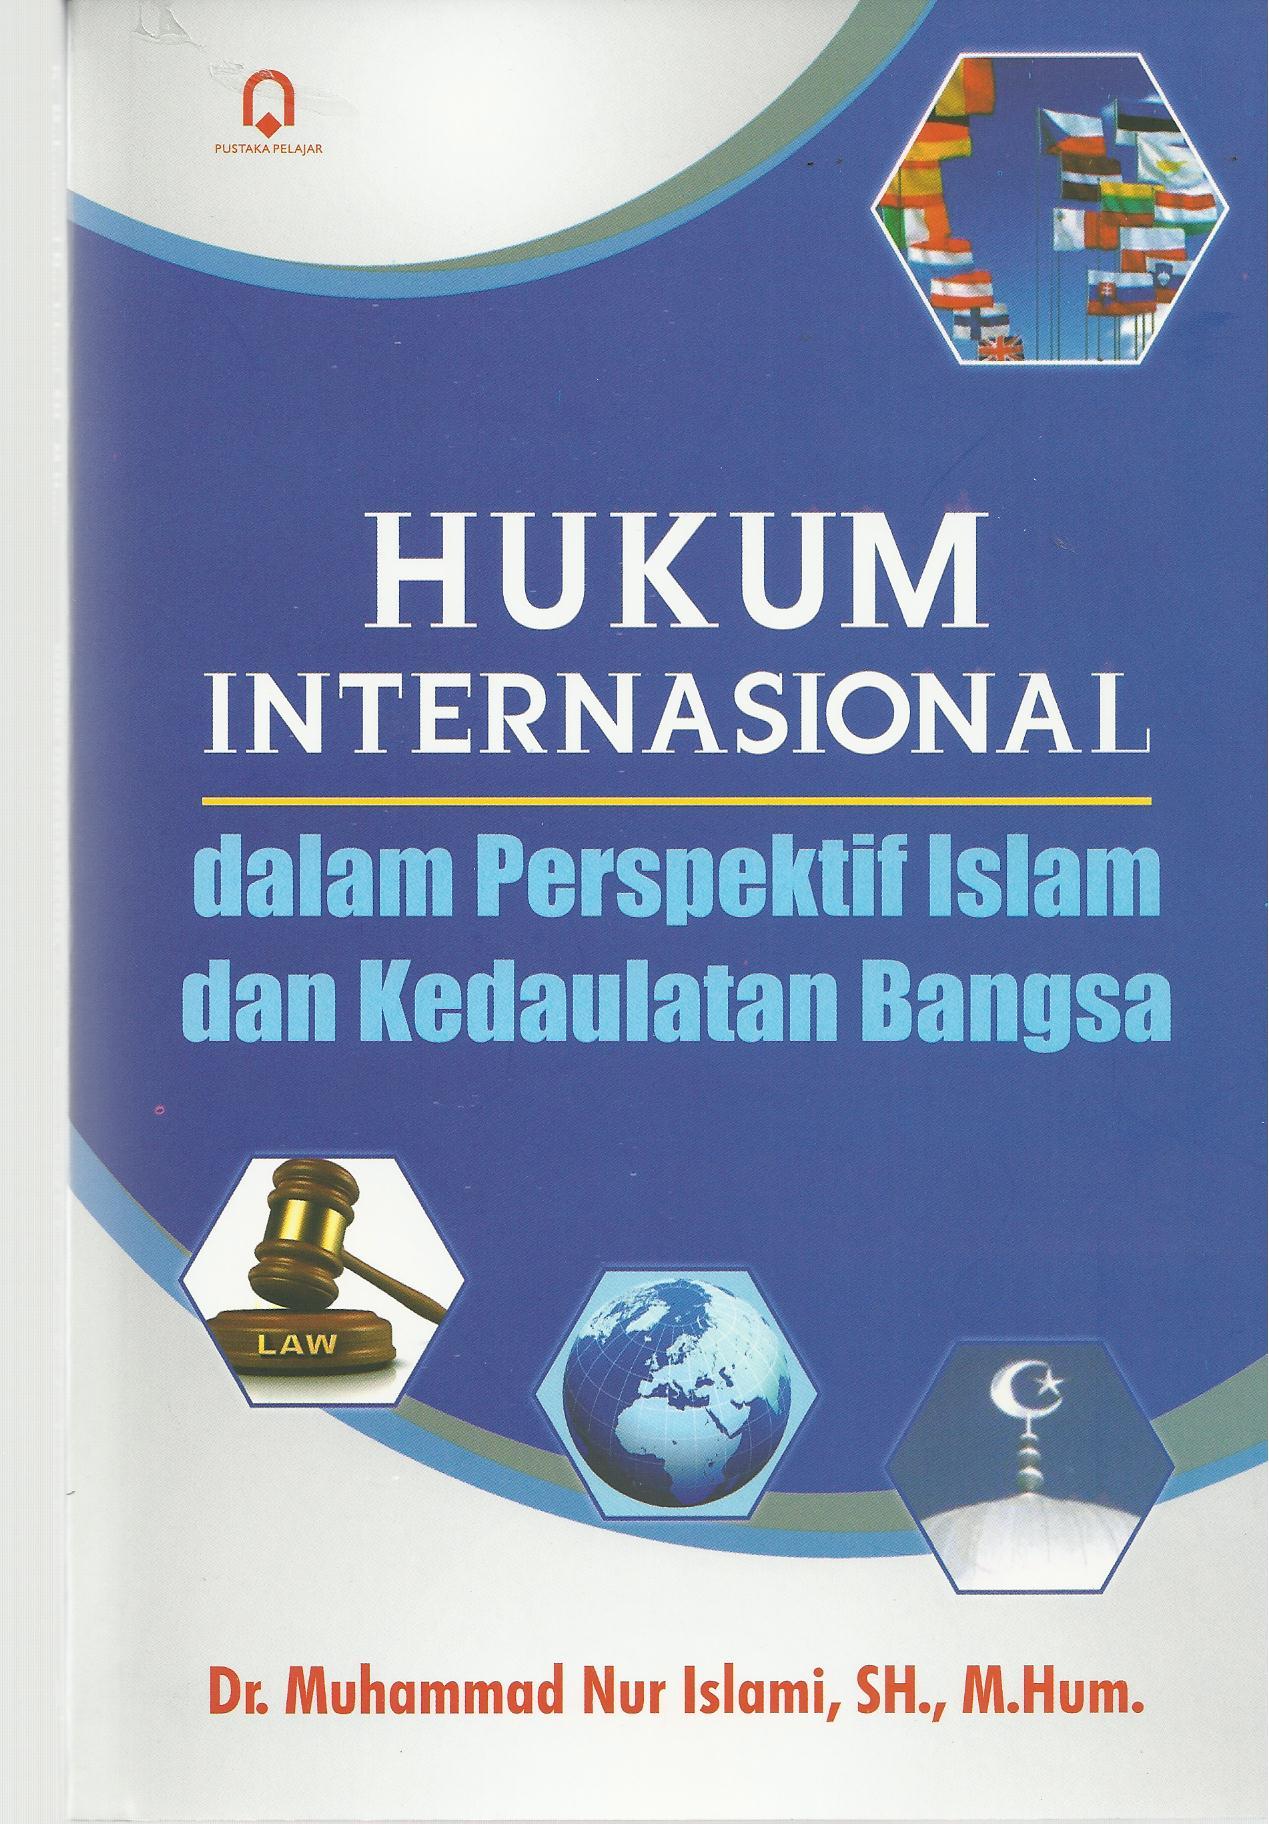 Hukum Internasional Dalam Perspektif Islam Dan Kedaulatan Bangsa